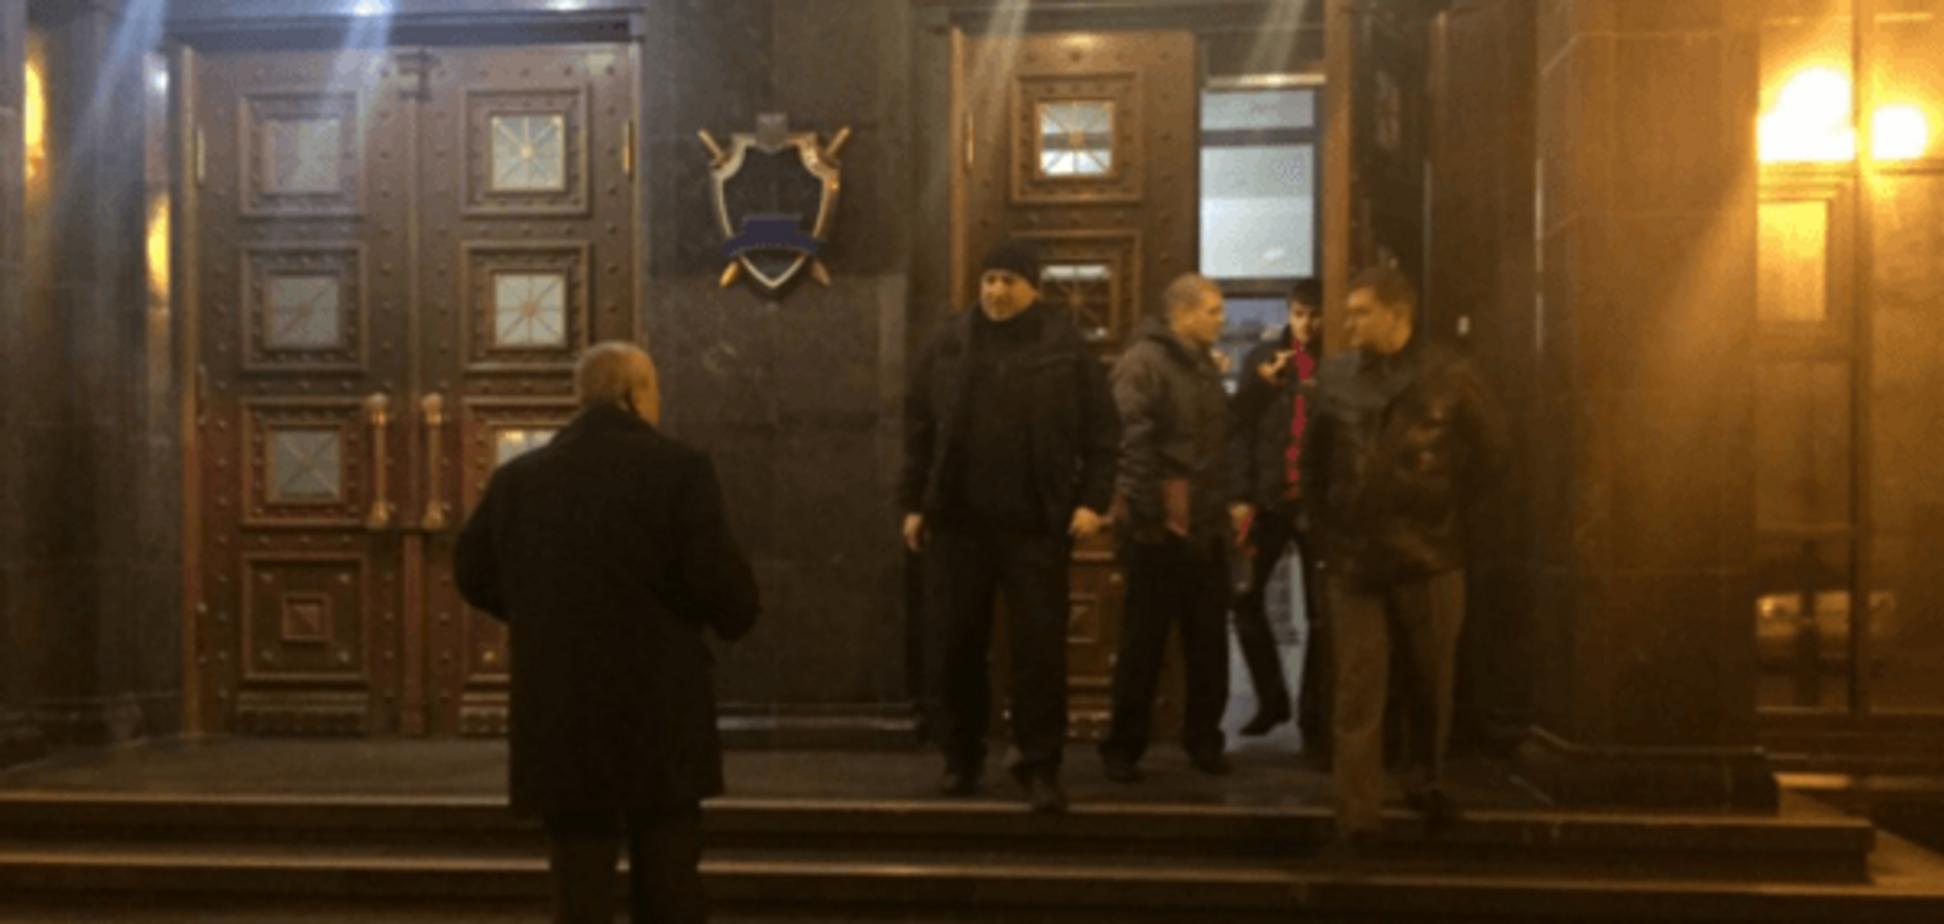 Окна кабинета Шокина обстрелял снайпер. Возле ГПУ дежурит милиция: опубликованы фото и видео